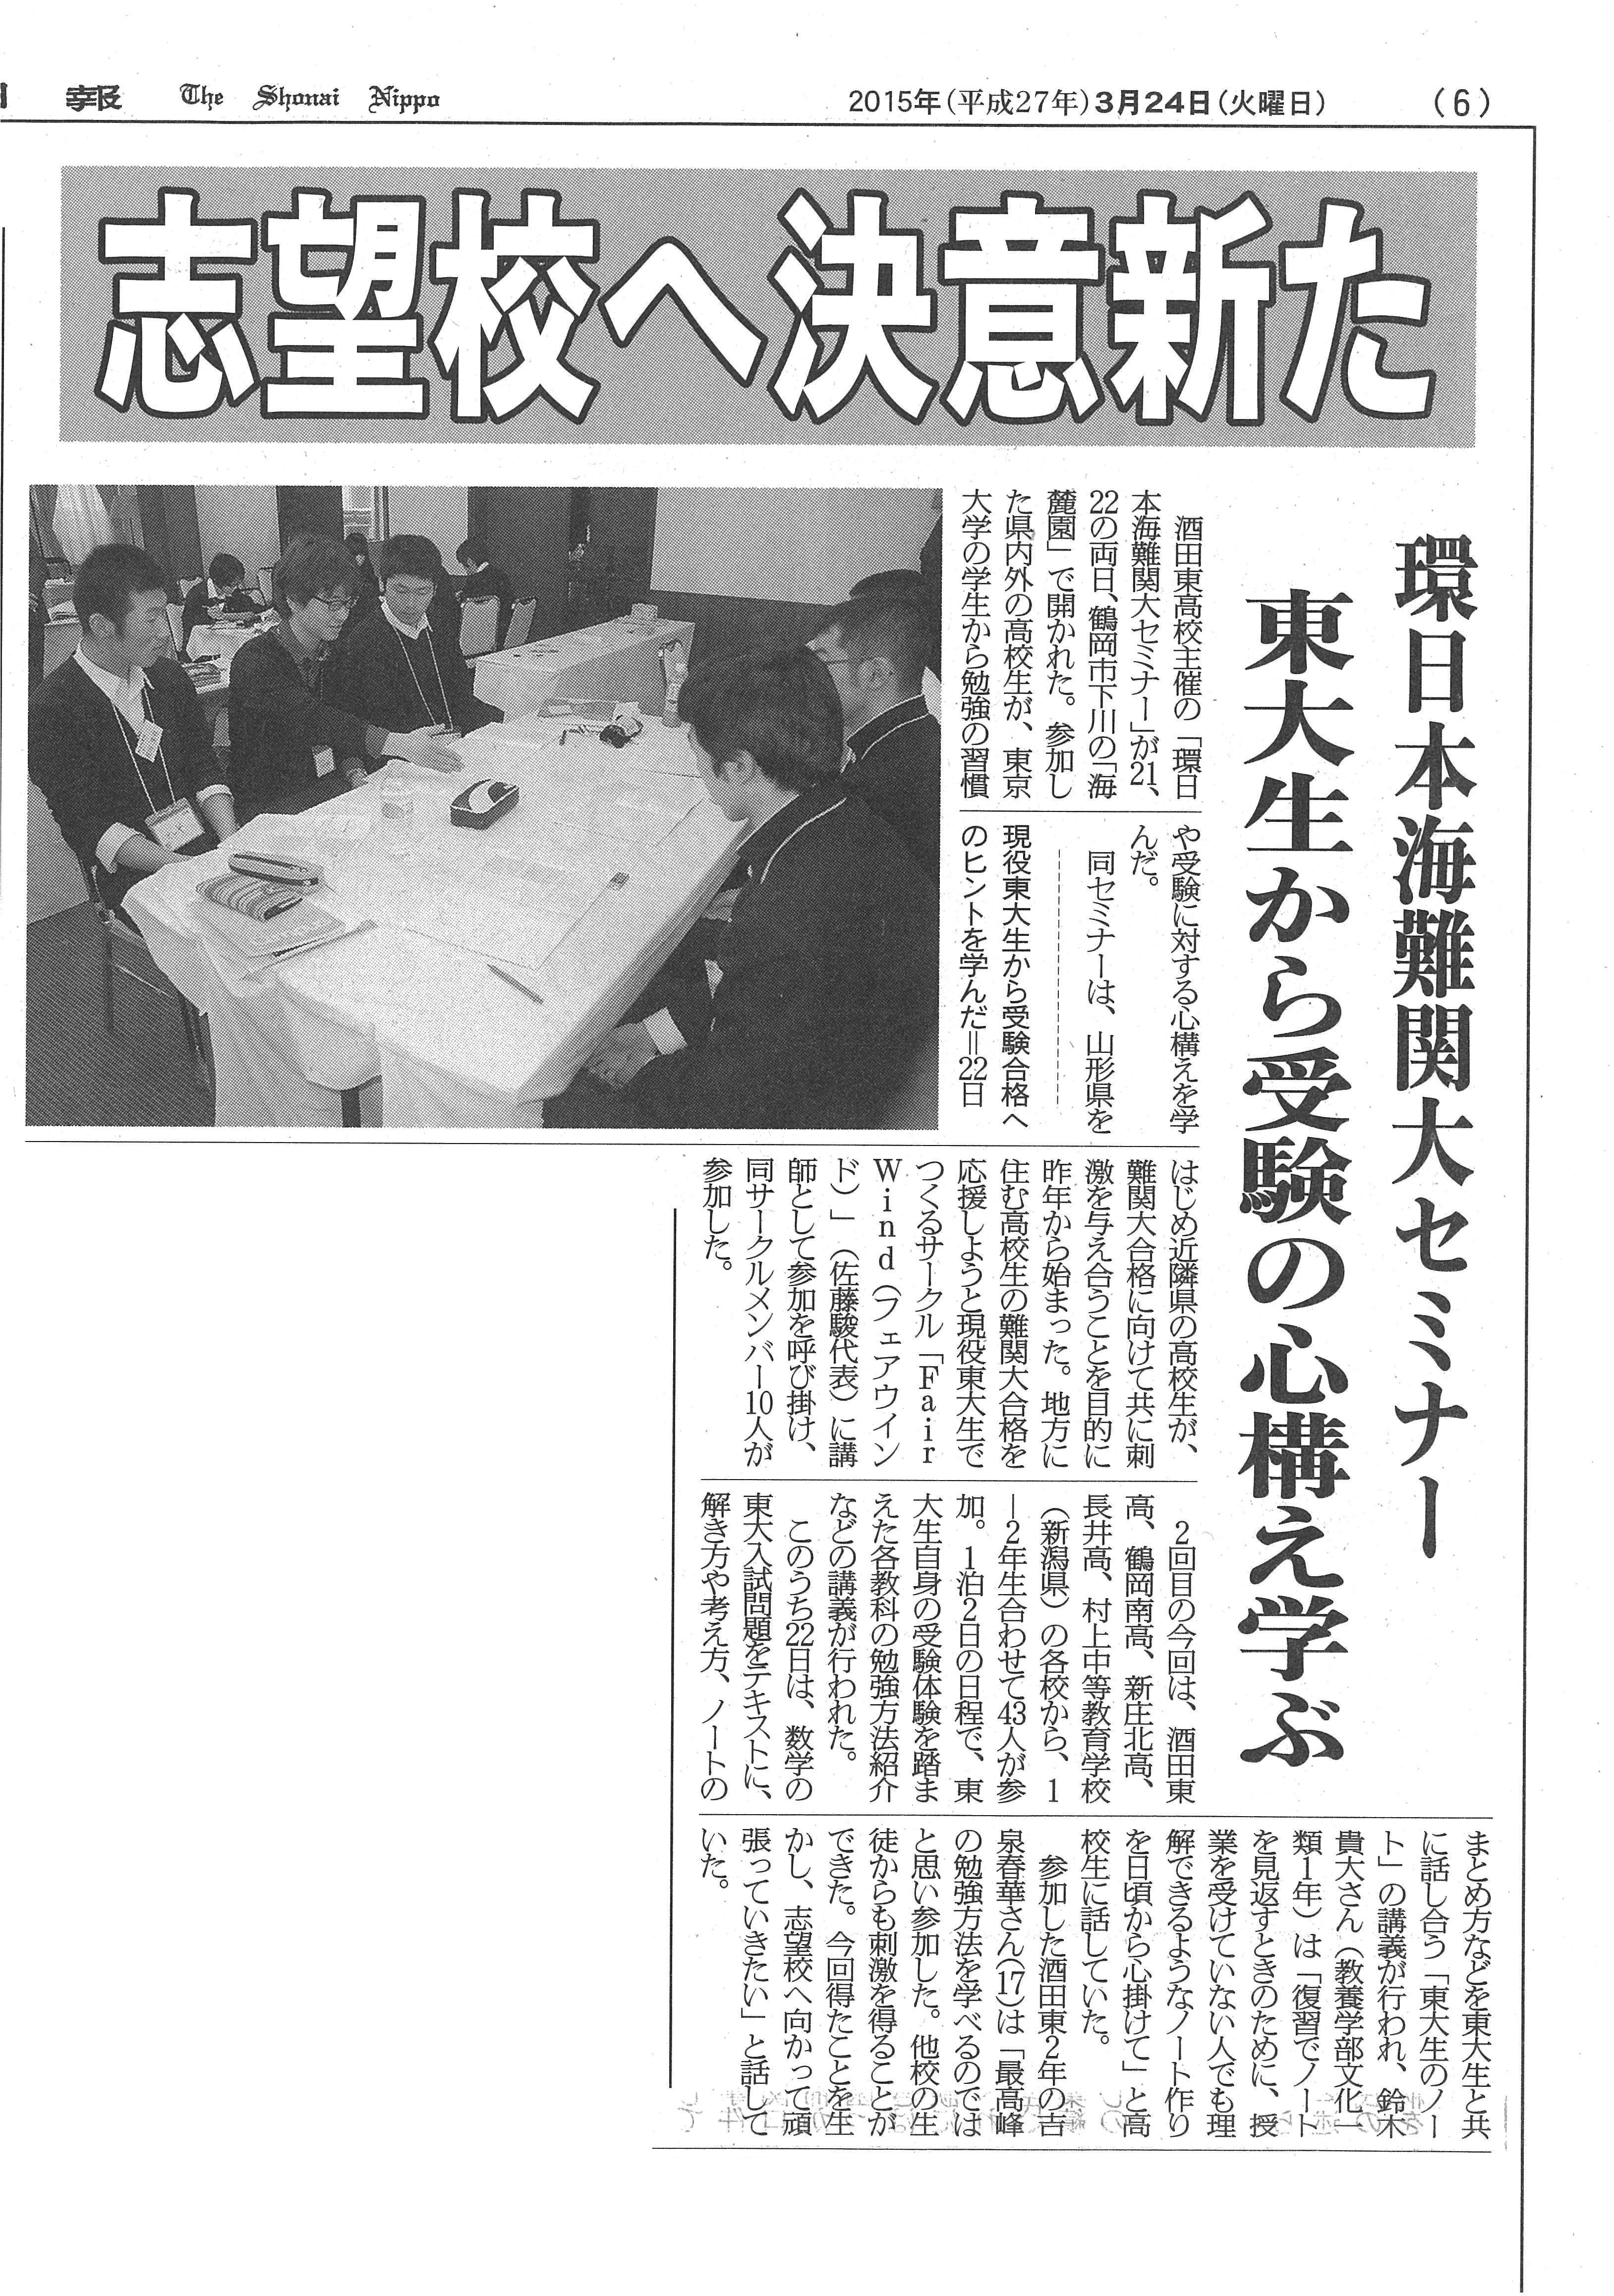 2015年「環日本海難関大セミナー」(現在は「春の学校」)の様子